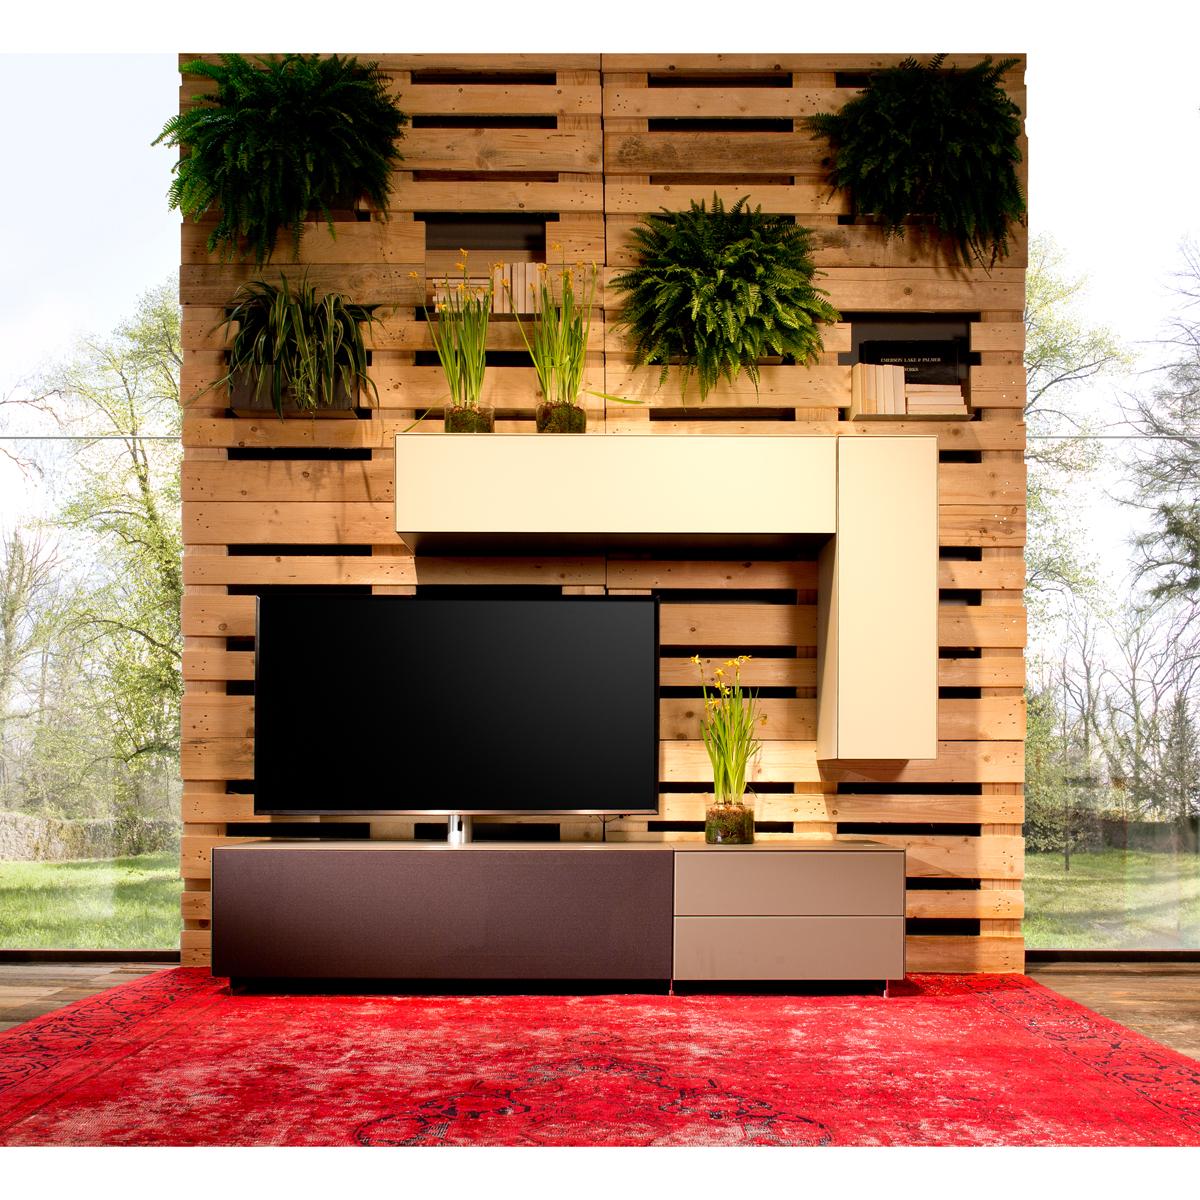 spectral cocoon co2 co3 co5 br tv design lowboard br mit stauraum und optional mit musik im bauch bei hifi tv moebel de